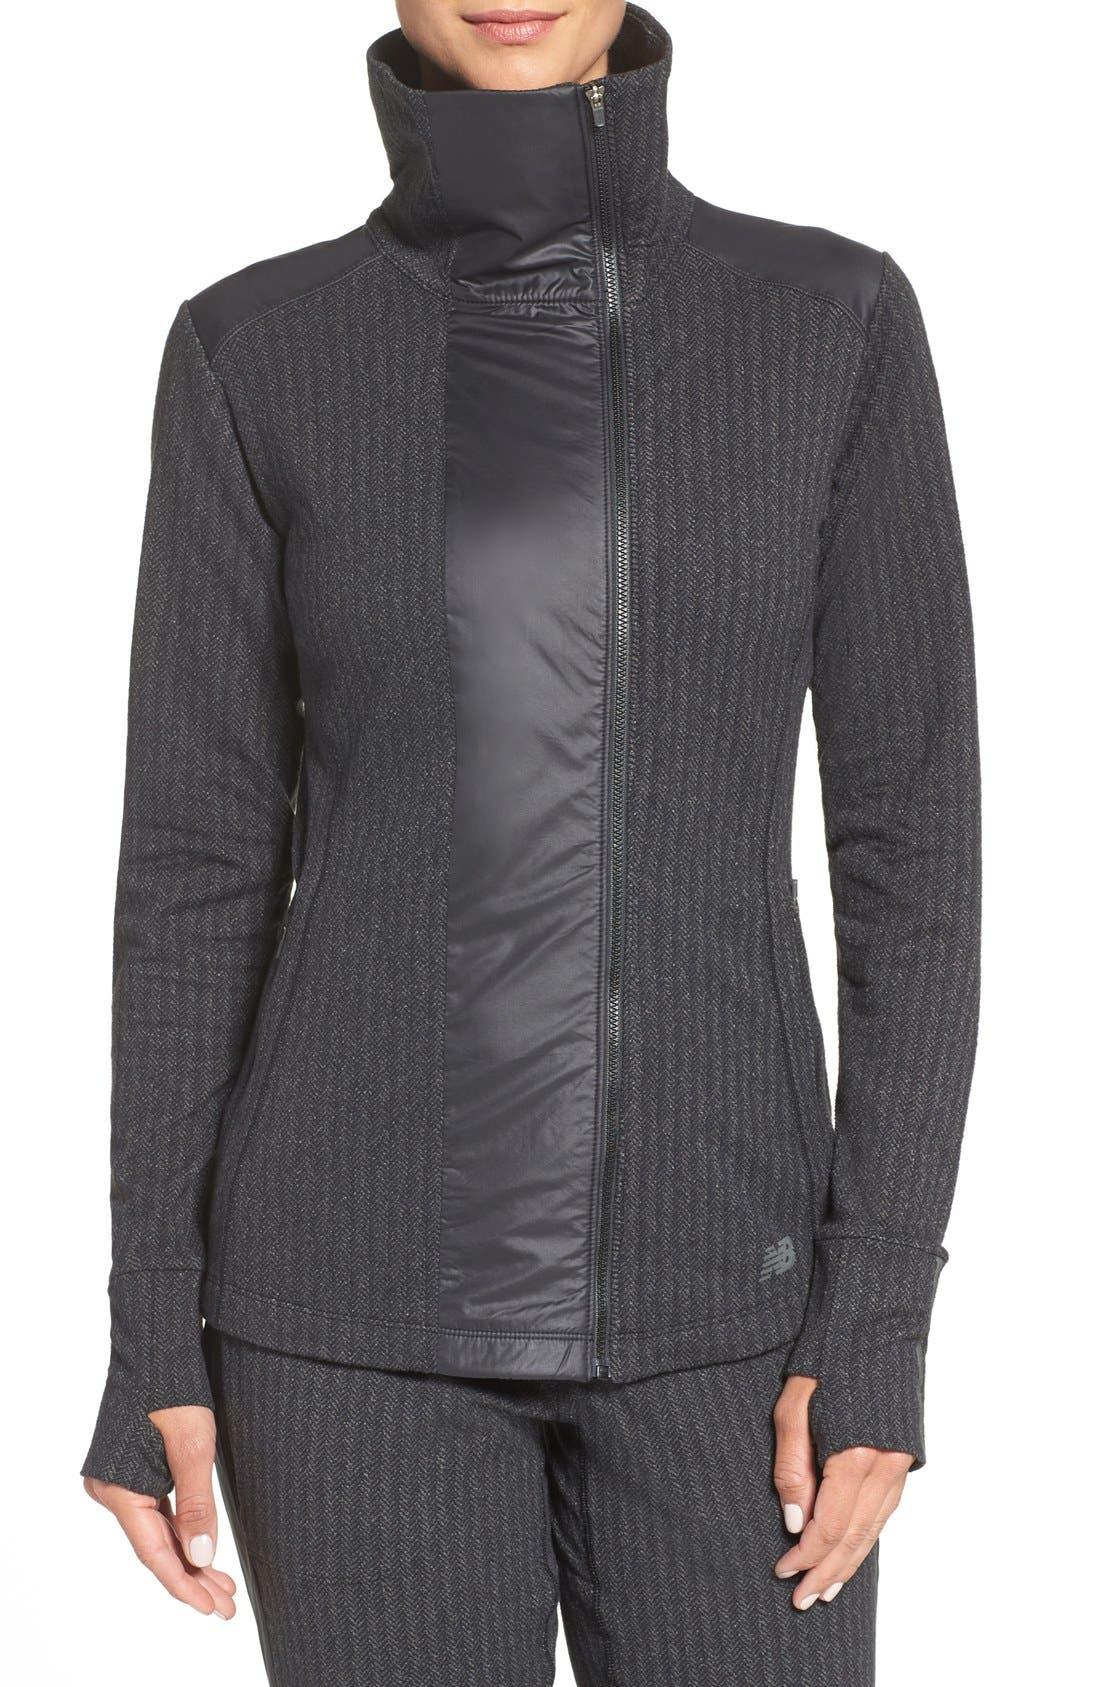 Main Image - New Balance 'Heat' Mock Neck Jacket